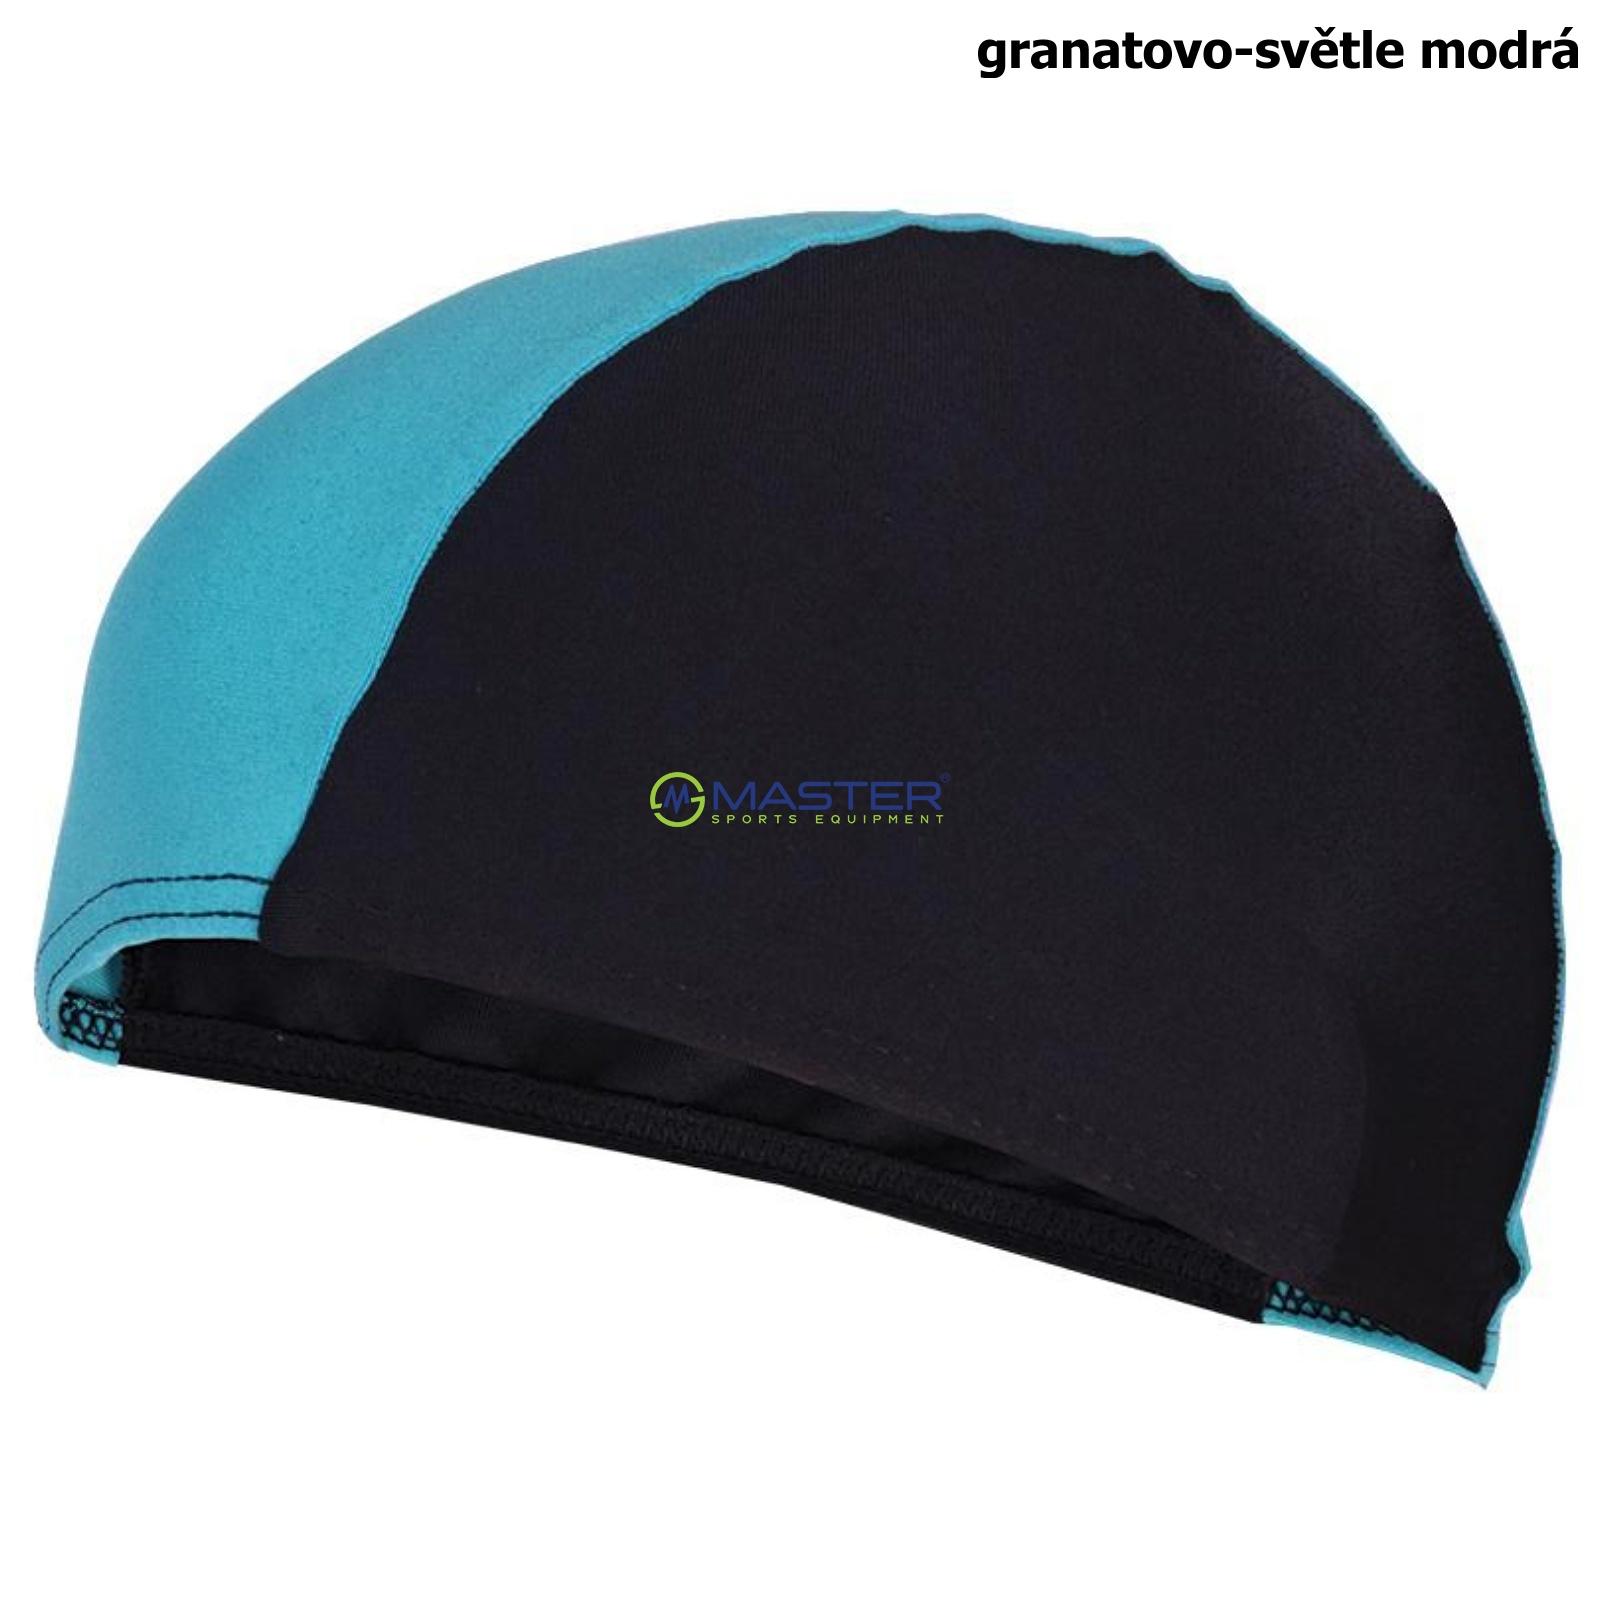 Plavecká čepice SPOKEY Lycras - granatovo-sv. modrá ... 7199a2048c